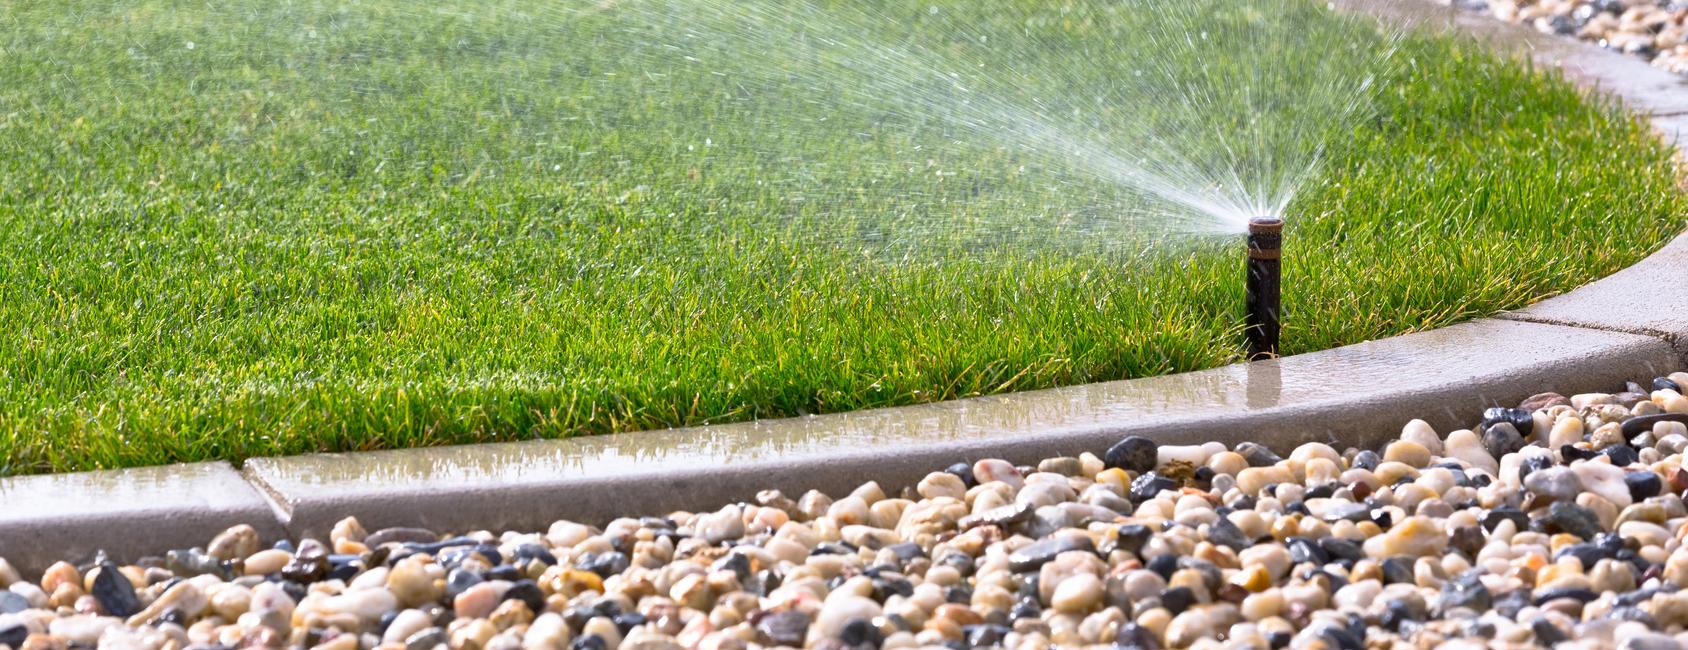 entretien-pose-arrosage-automatique-pelouse-jardin-94-aidlib